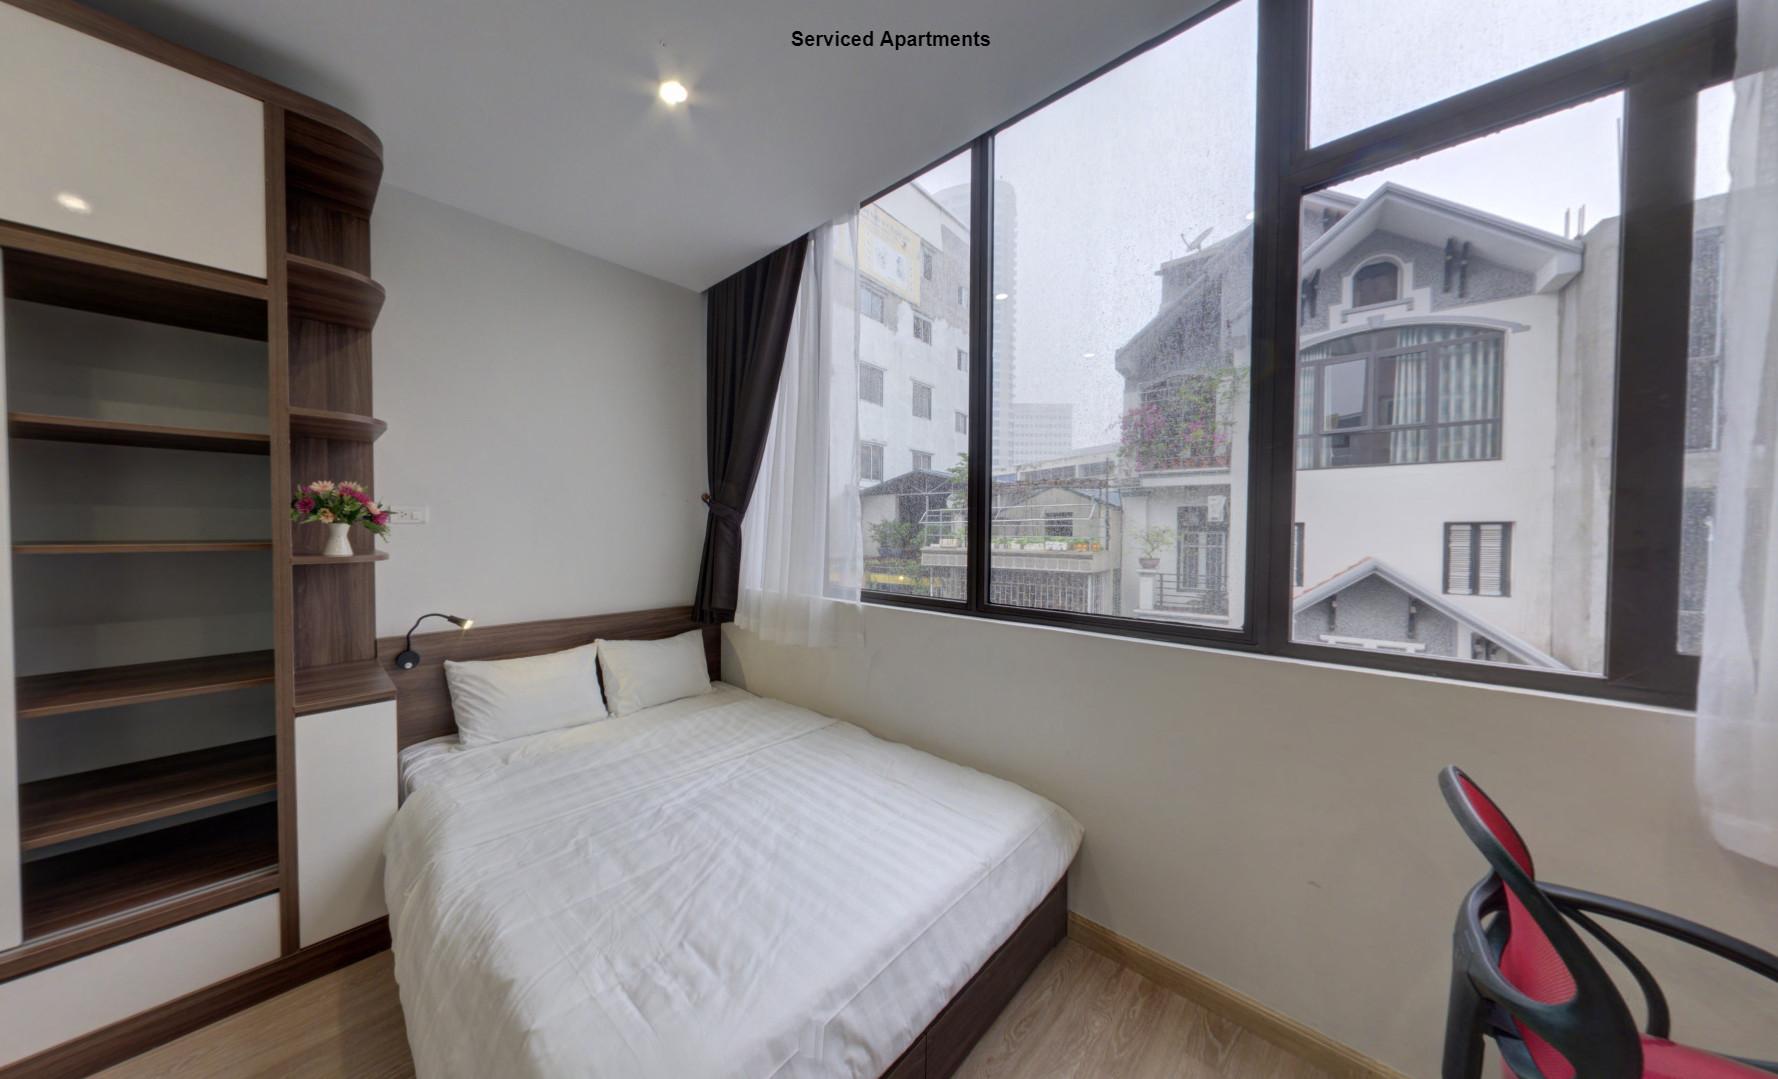 Miễn phí 3 tháng tiền điện, cho thuê CHDV mới đẹp ở gần IPH Thiên đường dành cho khách độc thân tại - Ảnh chính